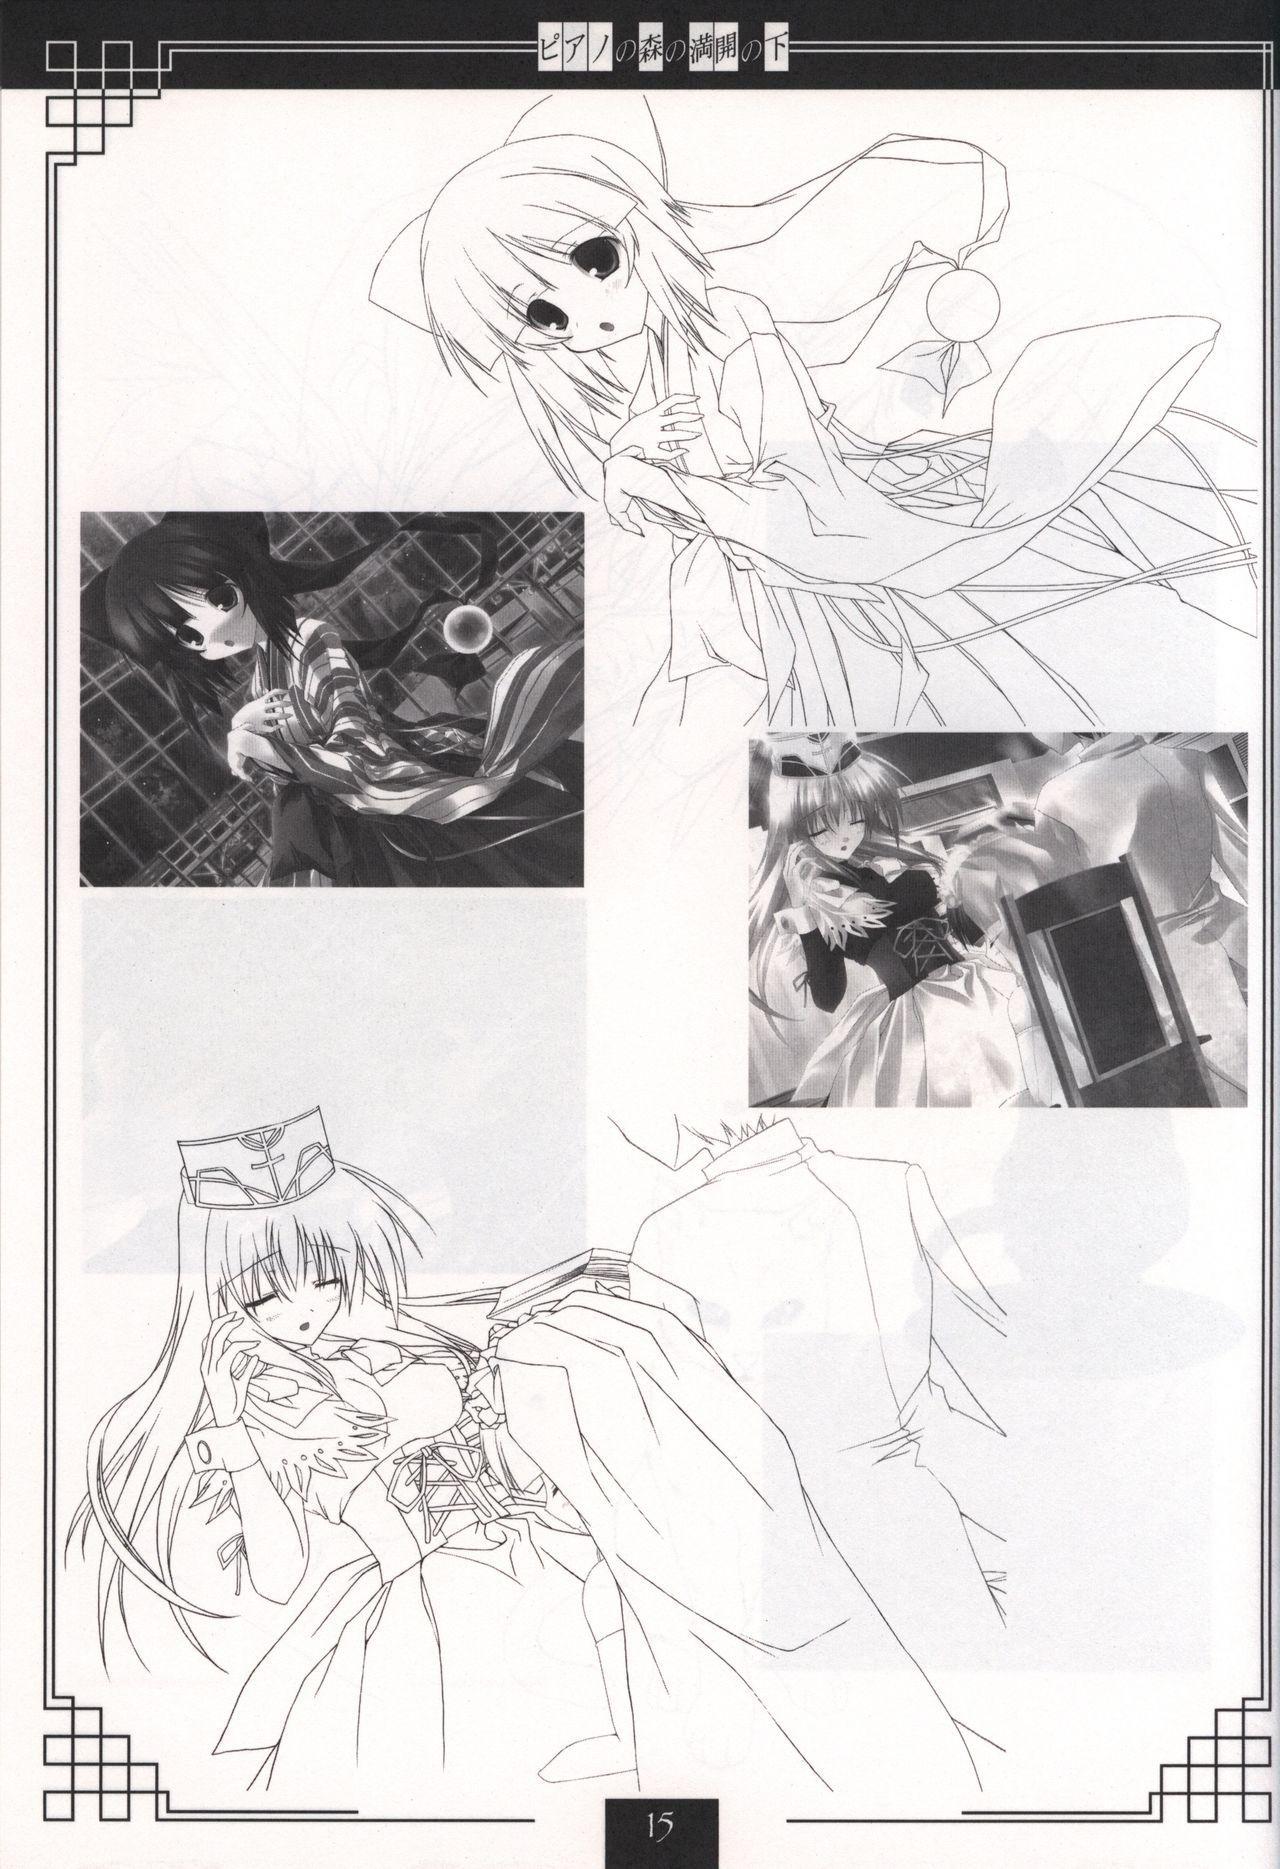 Piano no Mori no Mankai no Shita illustration art book 13